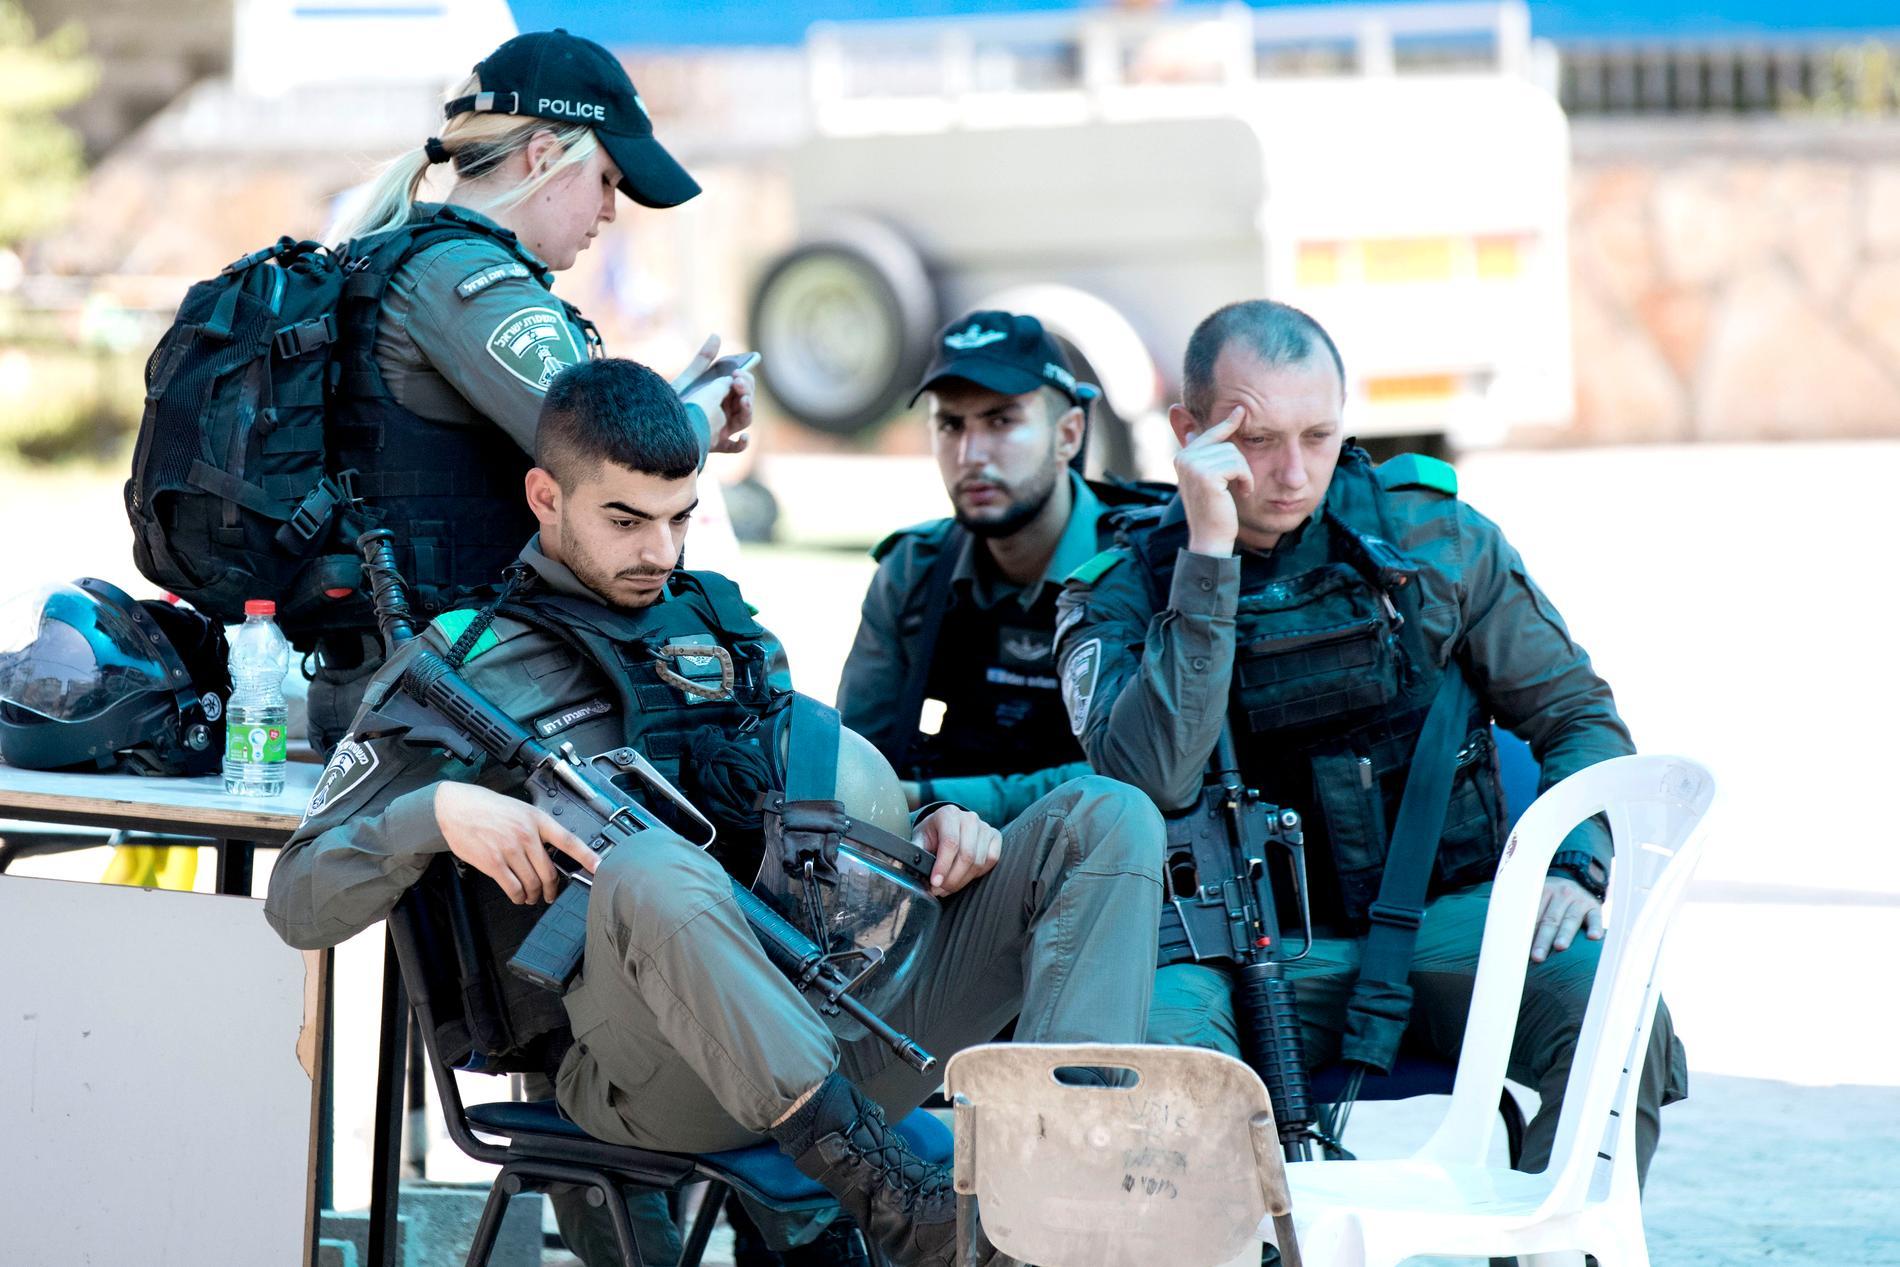 Polis vid ingången till en judisk skola i Lod.